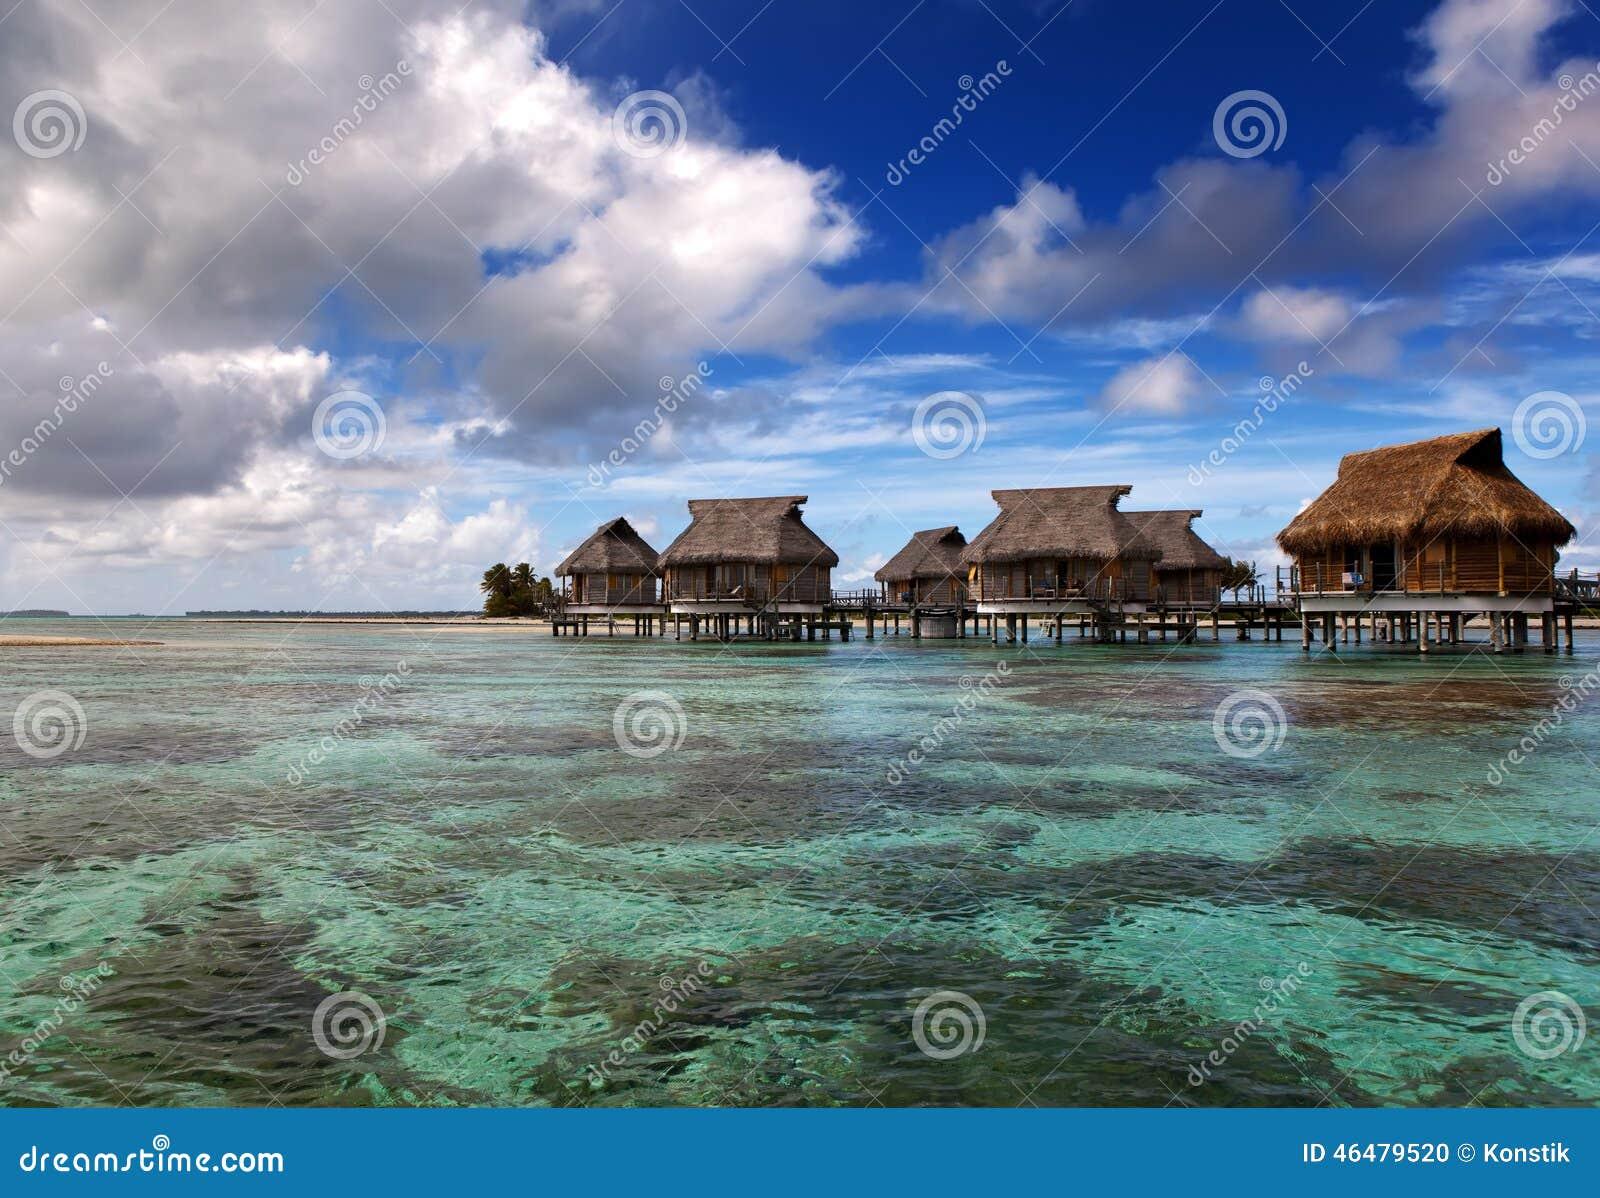 Casette sopra il paradiso tropicale acqua del mare calmo trasparente, Maldive